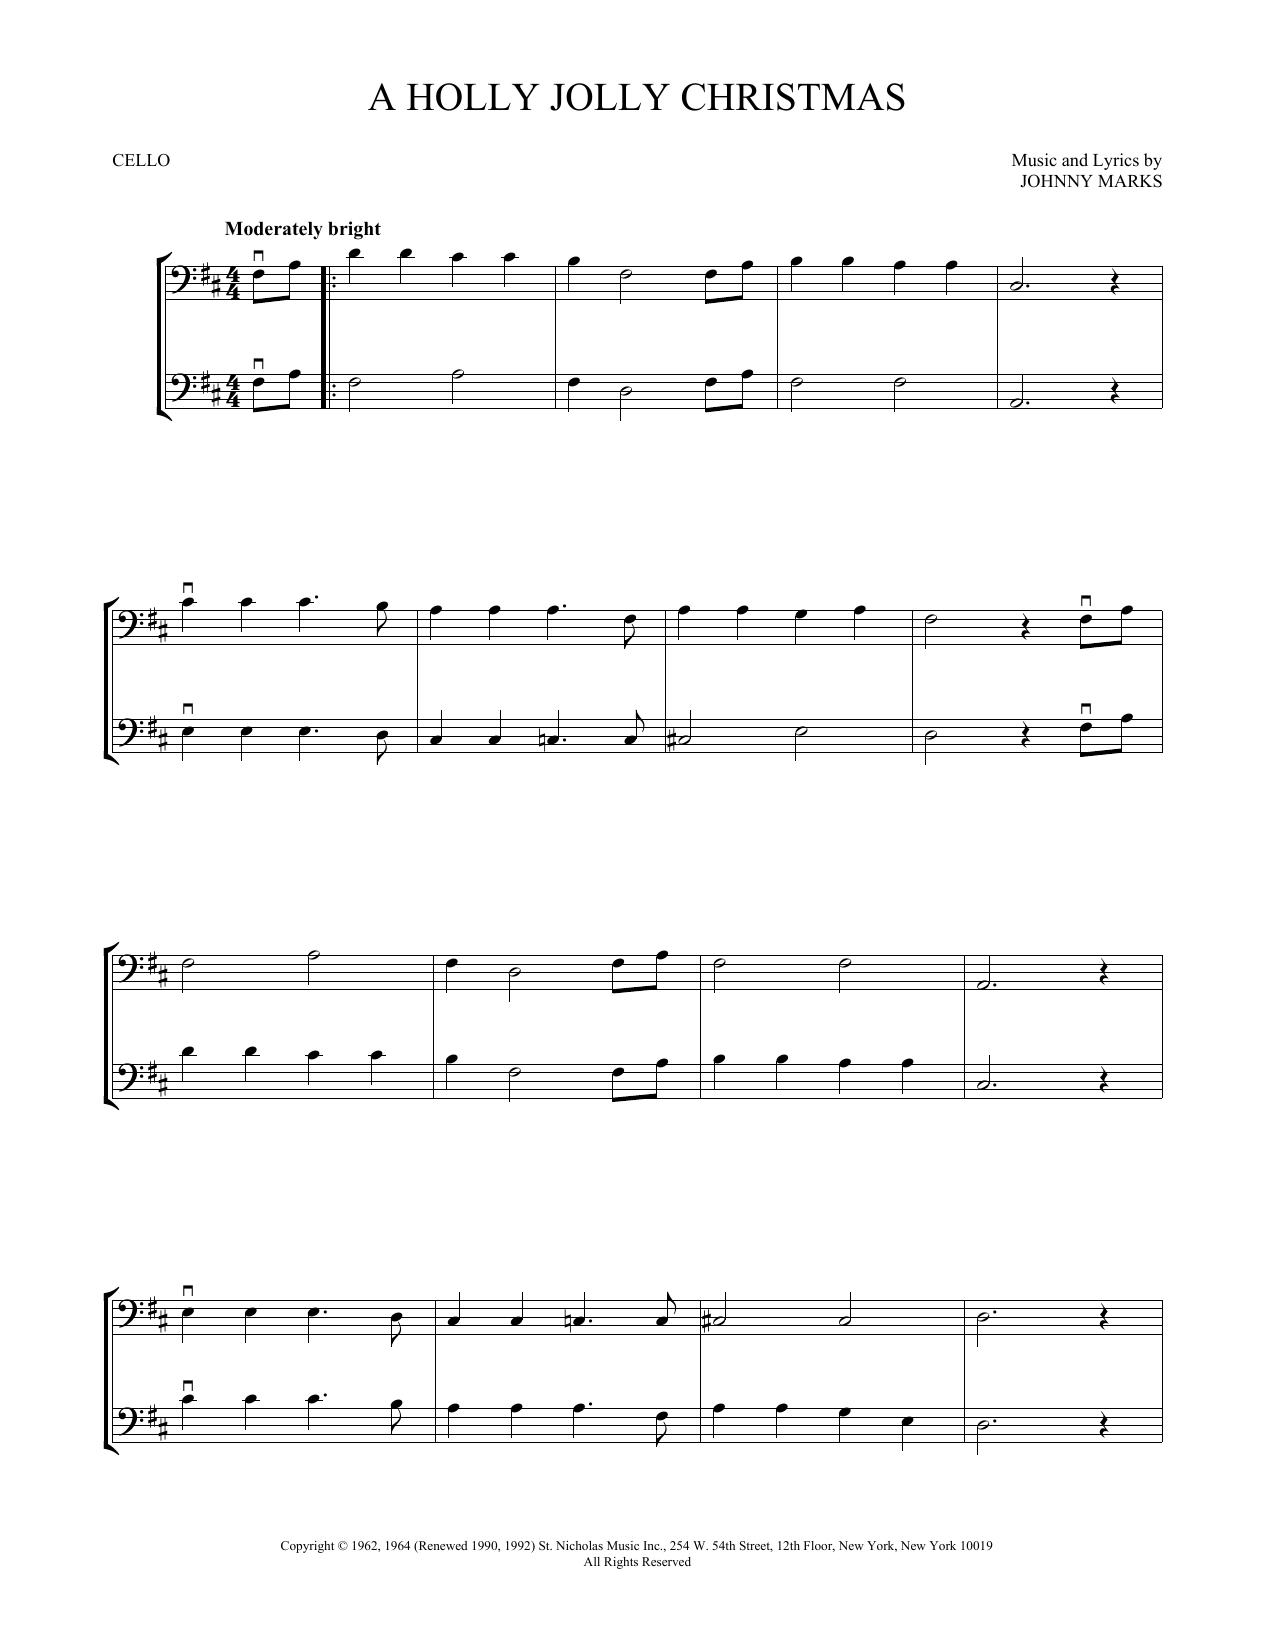 A Holly Jolly Christmas (Cello Duet)